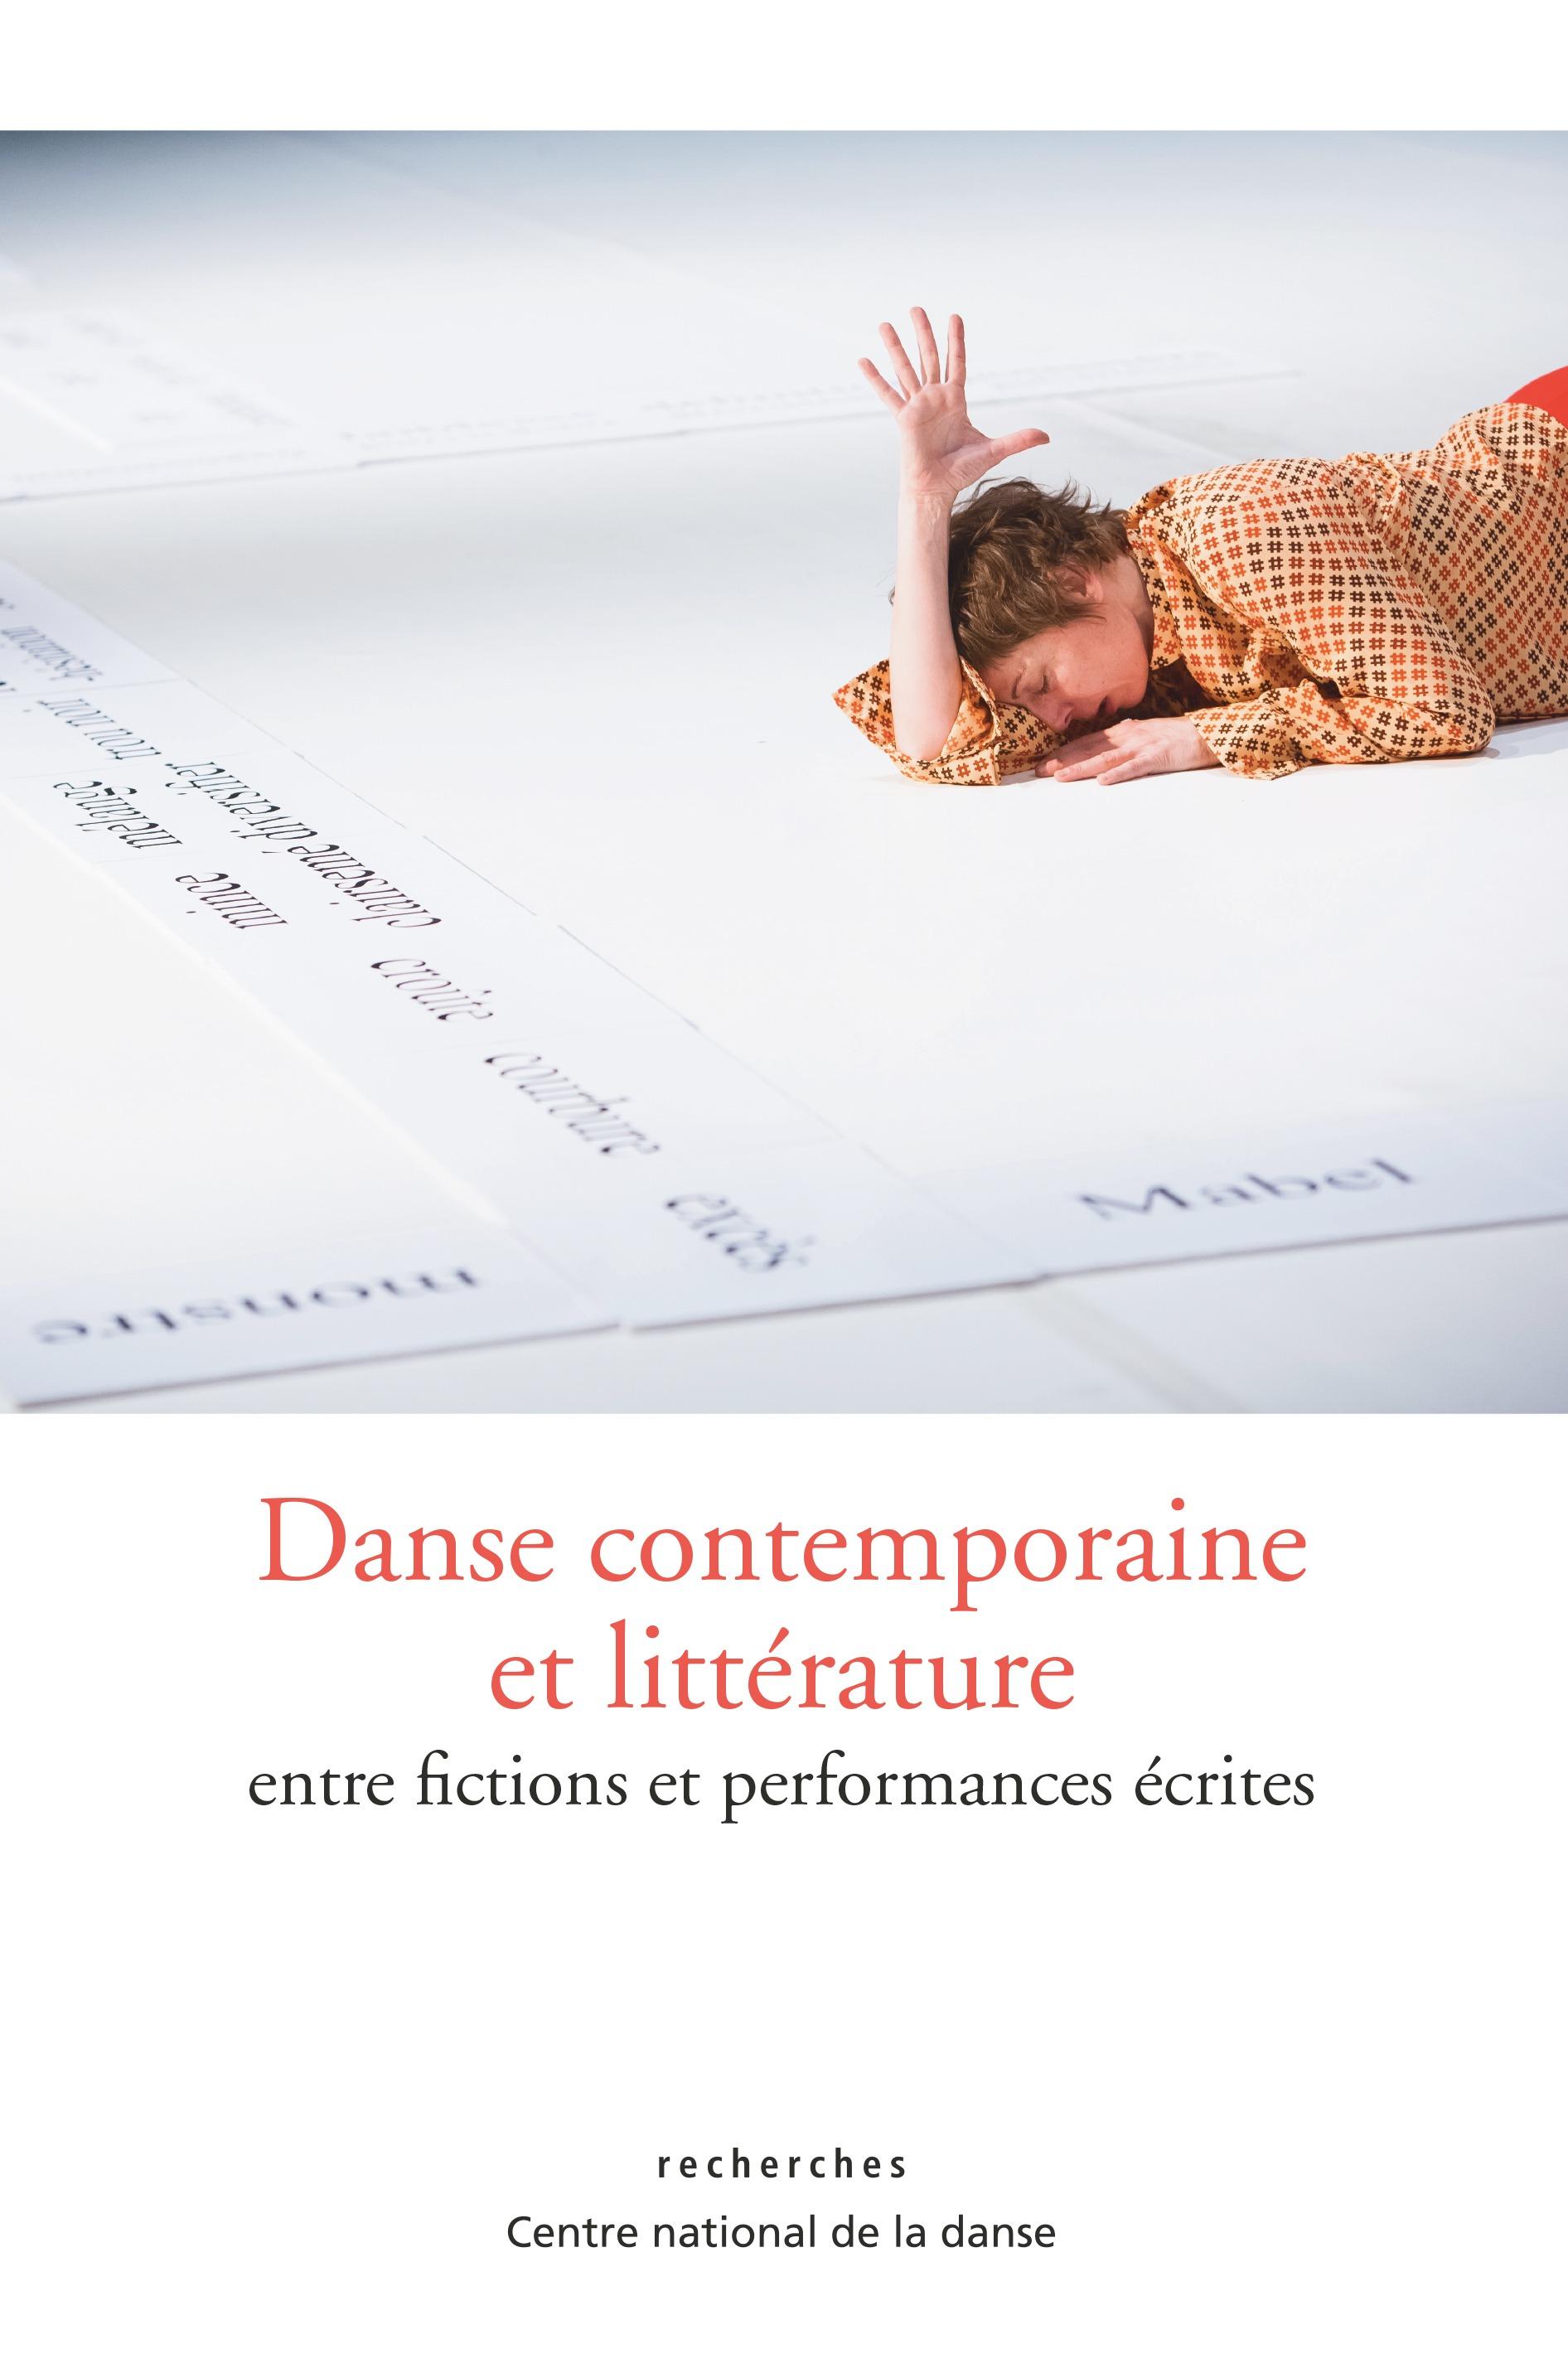 Danse contemporaine et littérature